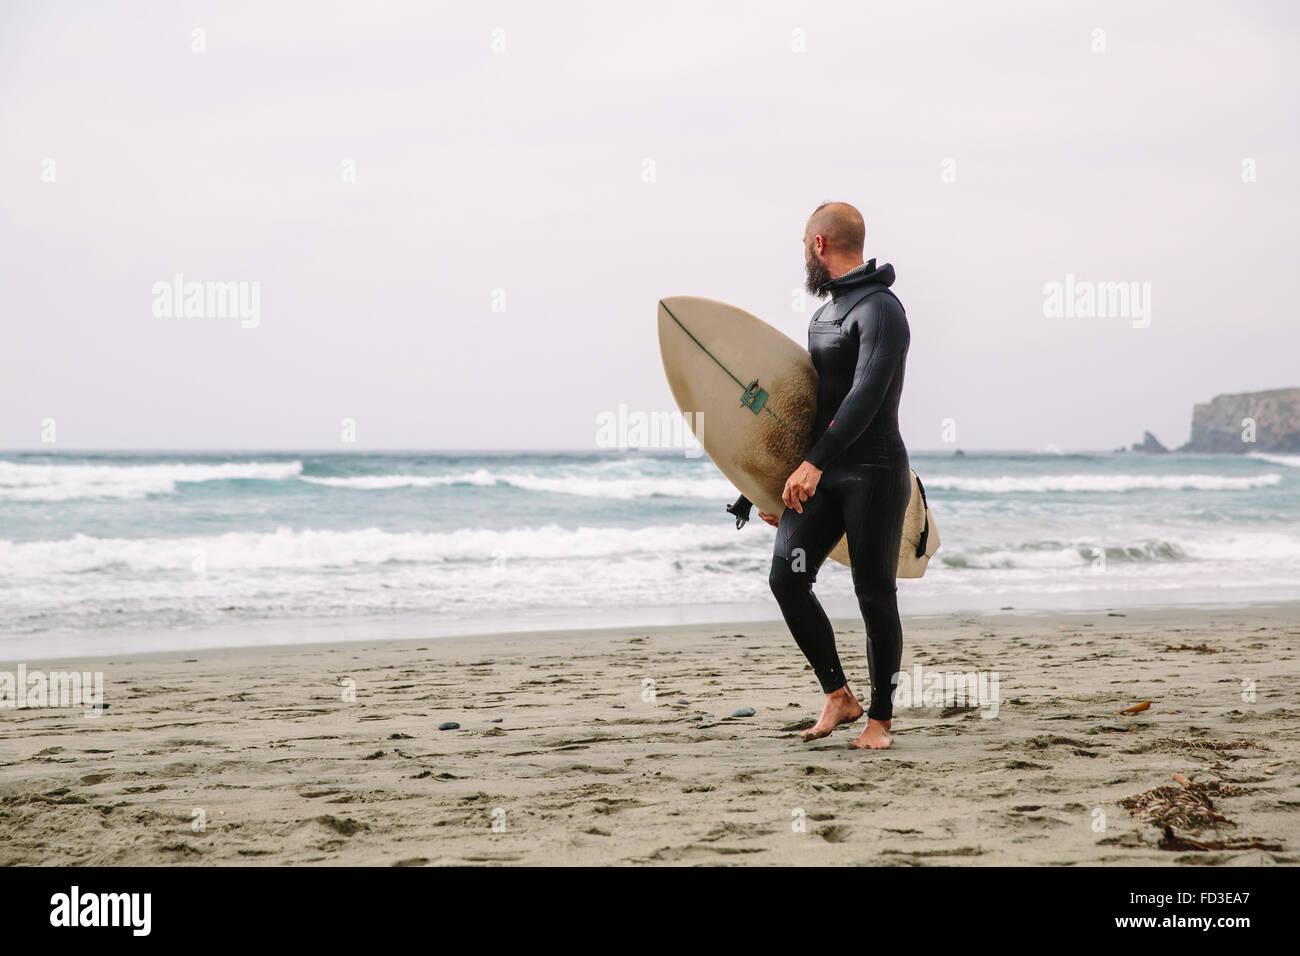 Un surfeur promenades dans de l'eau après une journée sur les vagues à Big Sur, en Californie. Photo Stock